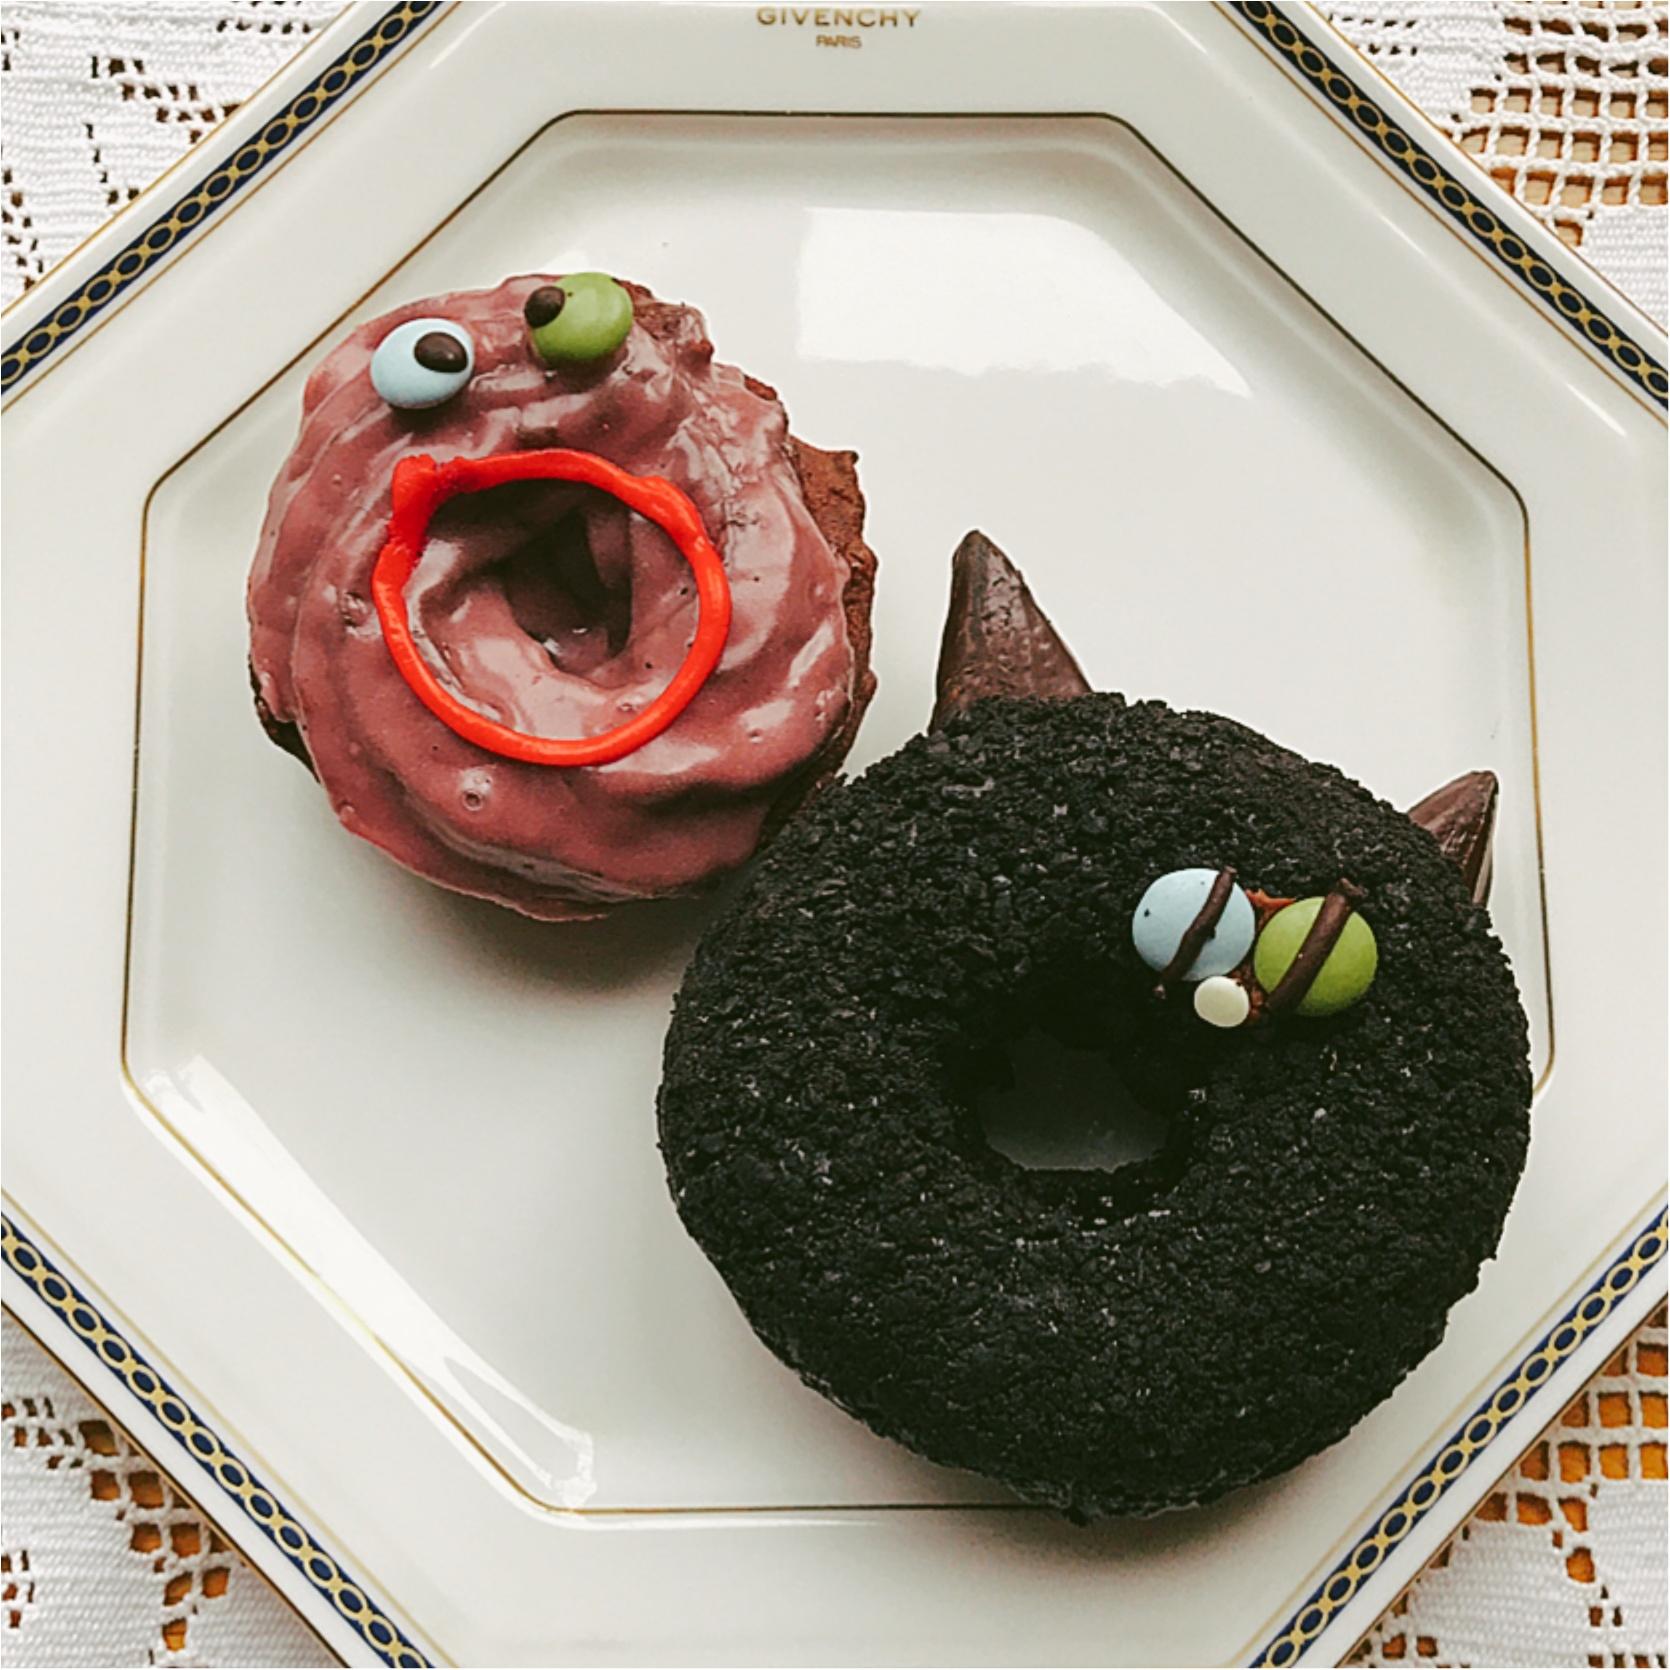 ★いつものドーナツがハロウィン仕様♡人気ドーナツ店『ZARAME』の限定ドーナツが可愛いすぎる★_1